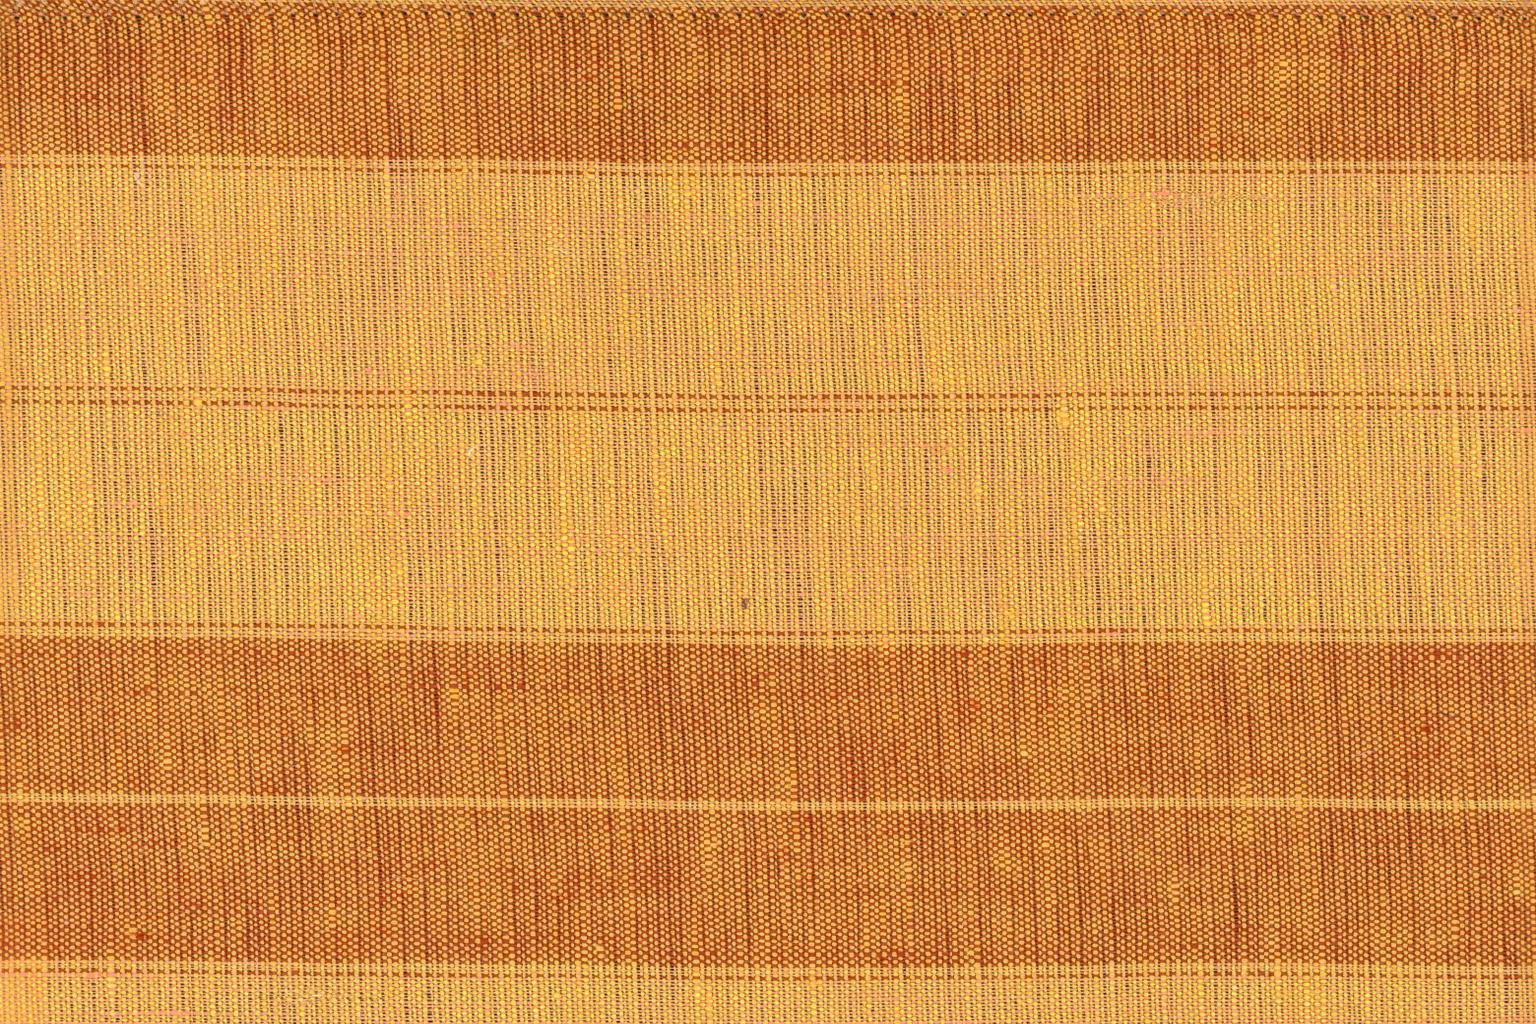 CERRO RIGATO Gold-Cotto Mattress Stripe